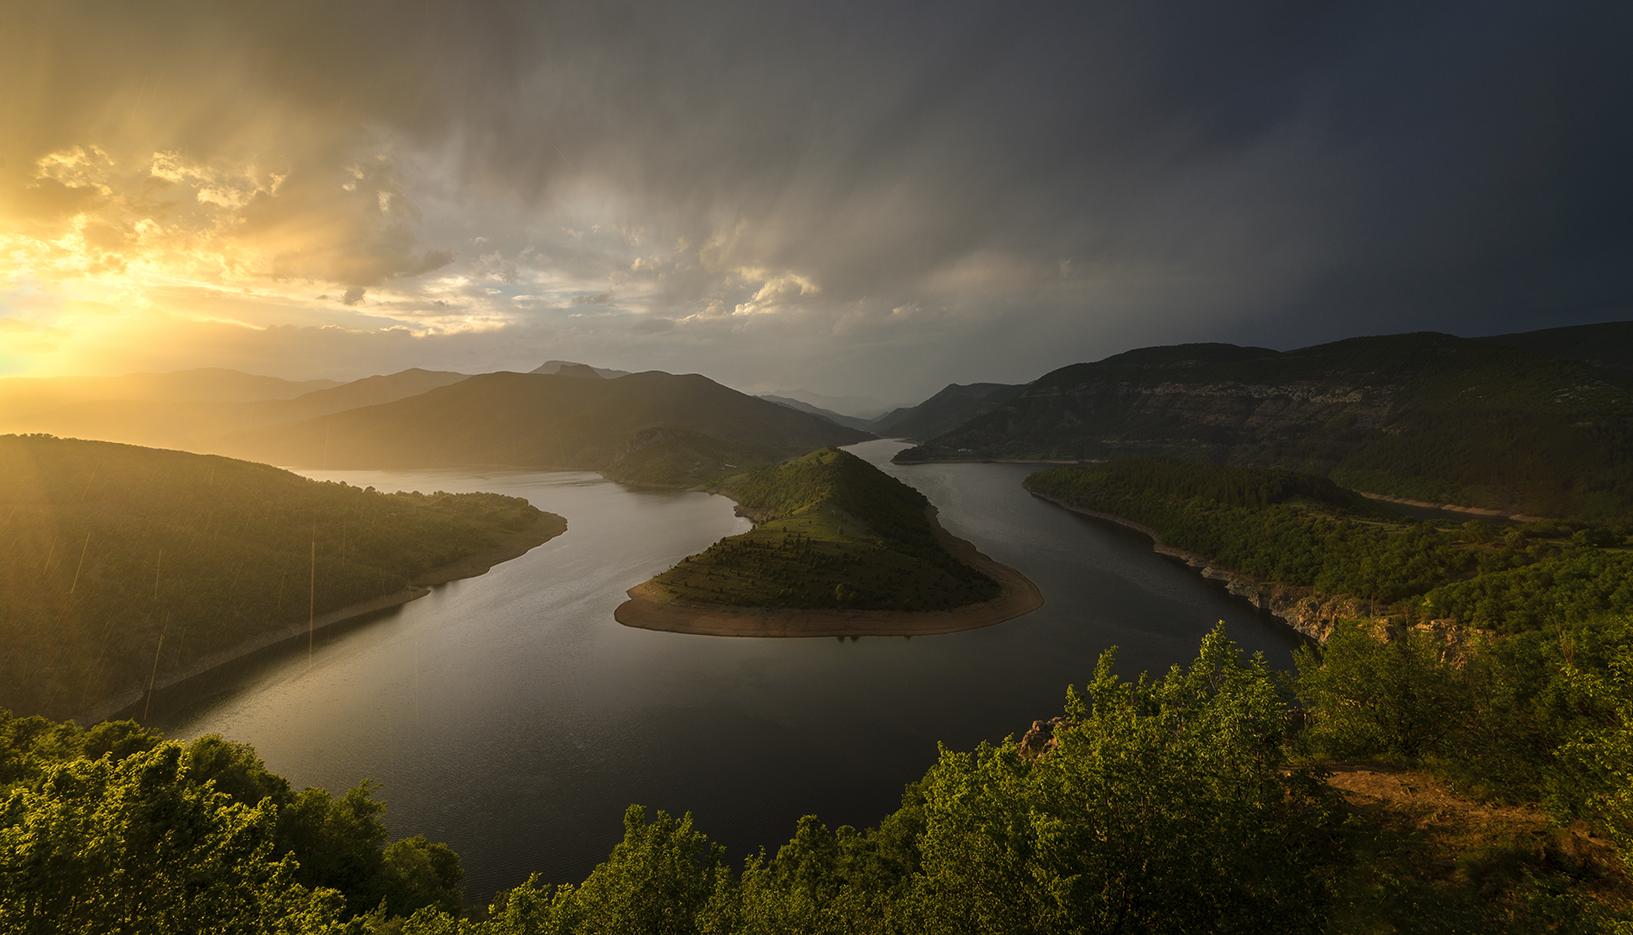 Дъждовен залез | Author Васил Анастасовски - backoa | PHOTO FORUM